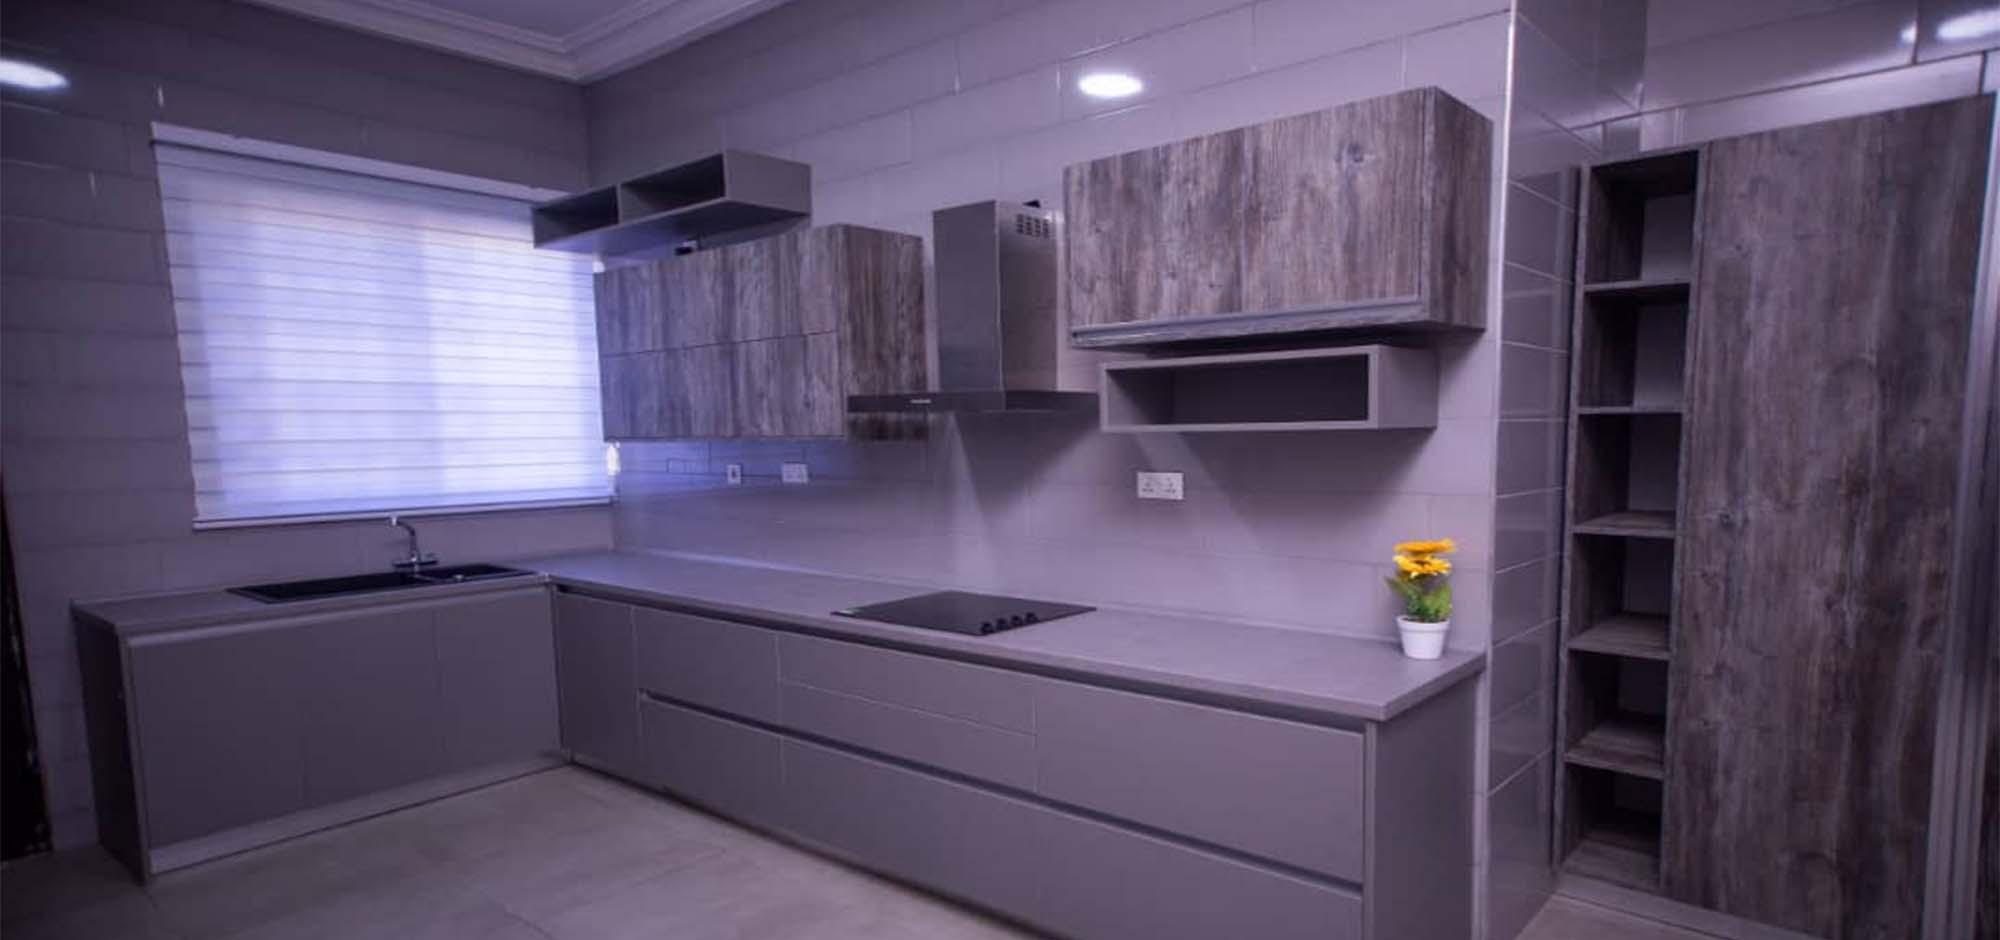 kitchen-feature-3